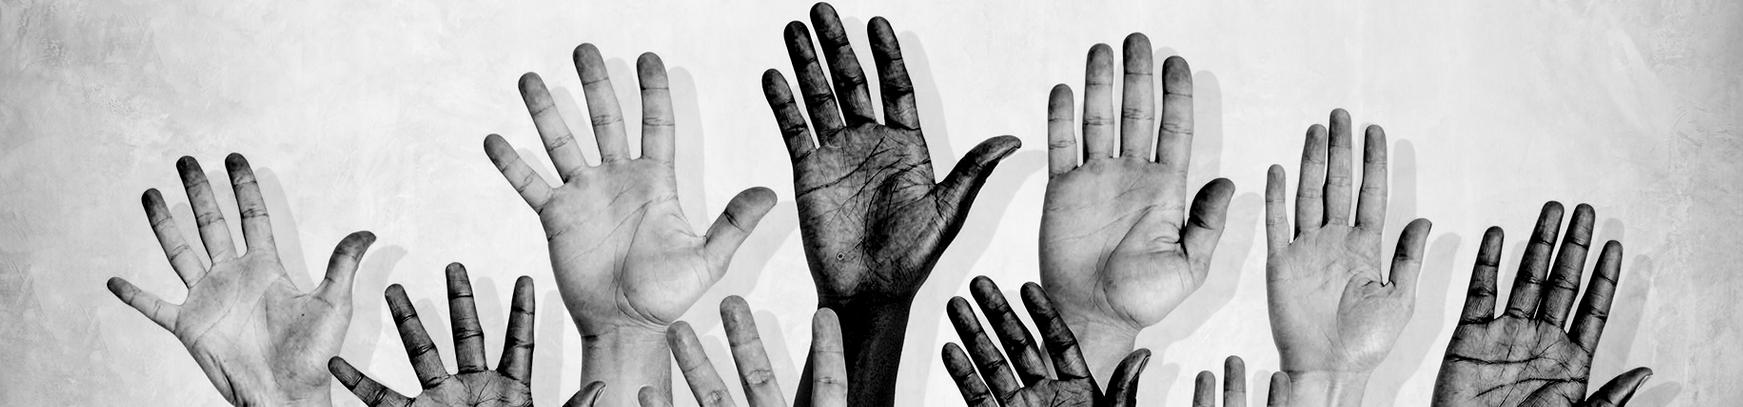 La Alianza de Solidaridad Extremeña reclama el Centro de Formación de Aldeacentenera